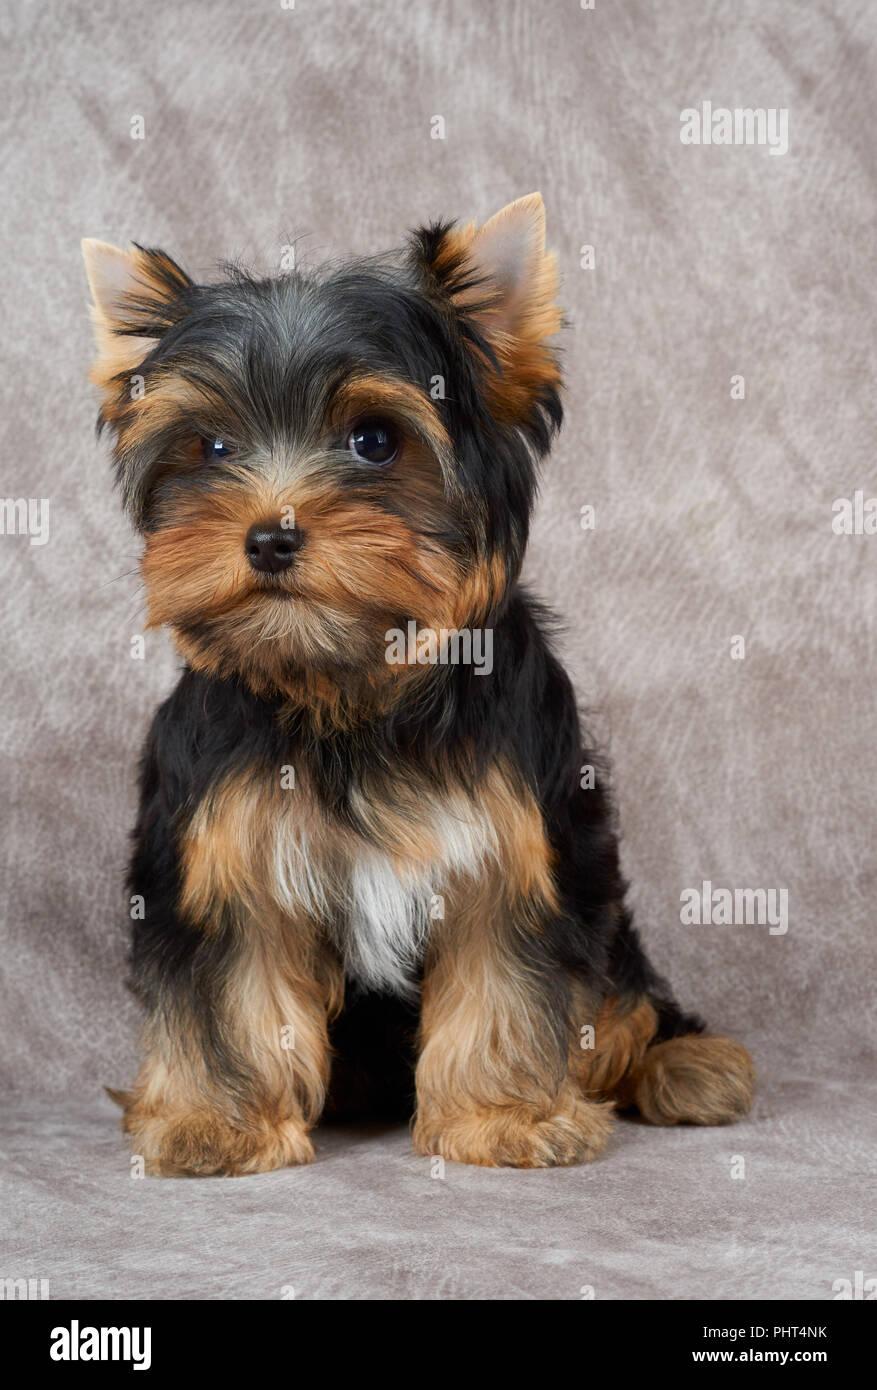 Adorable Und Cute Puppy Der Yorkshire Terrier Sitzt Auf Background